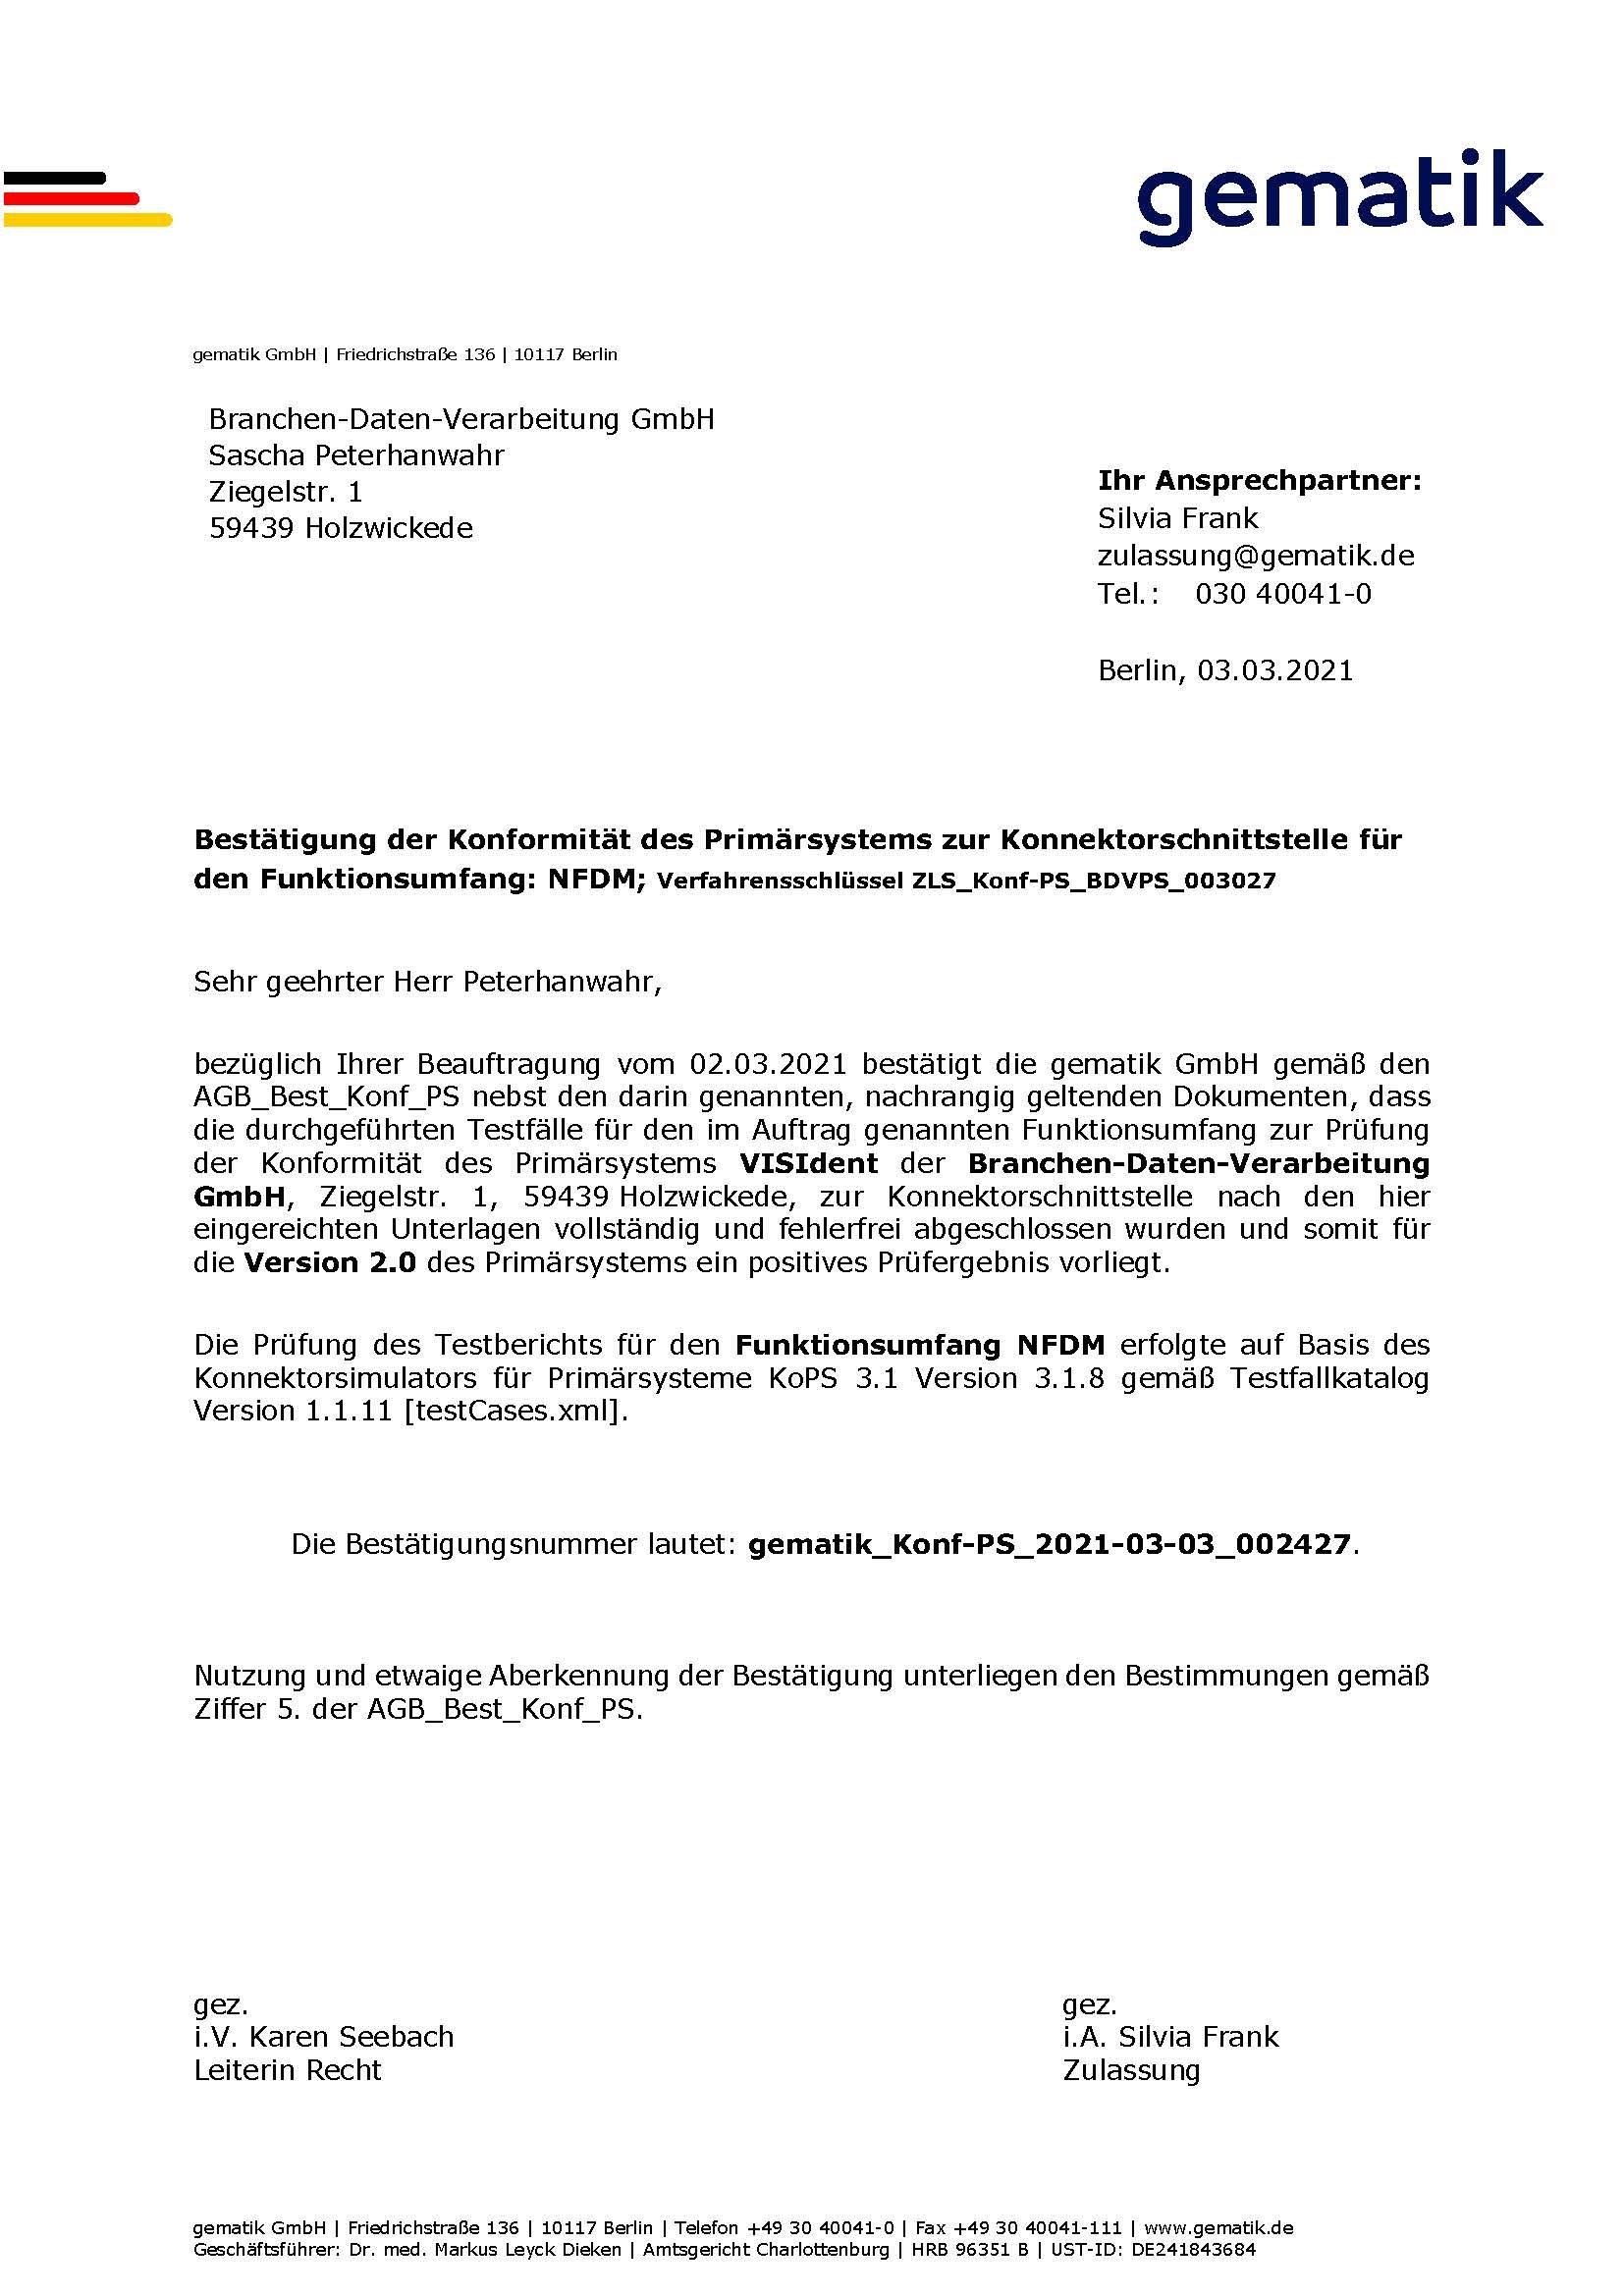 VISIdent NFDM-Modul der BDV GmbH - Telematikinfrastruktur - gematik Zulassung